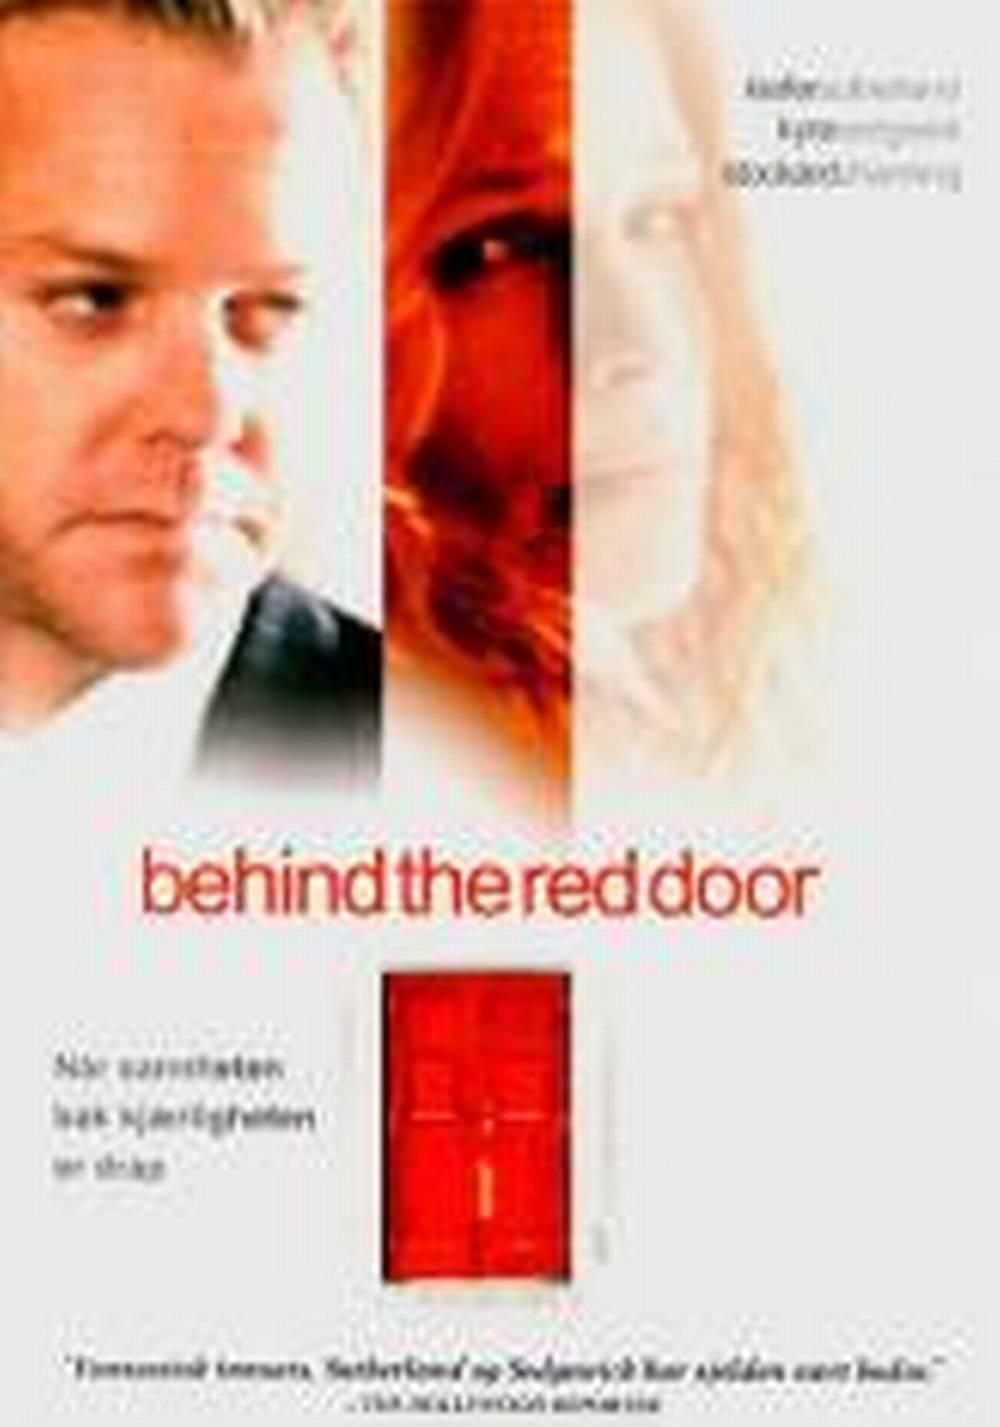 Behind The Red Door 2002 Filmweb